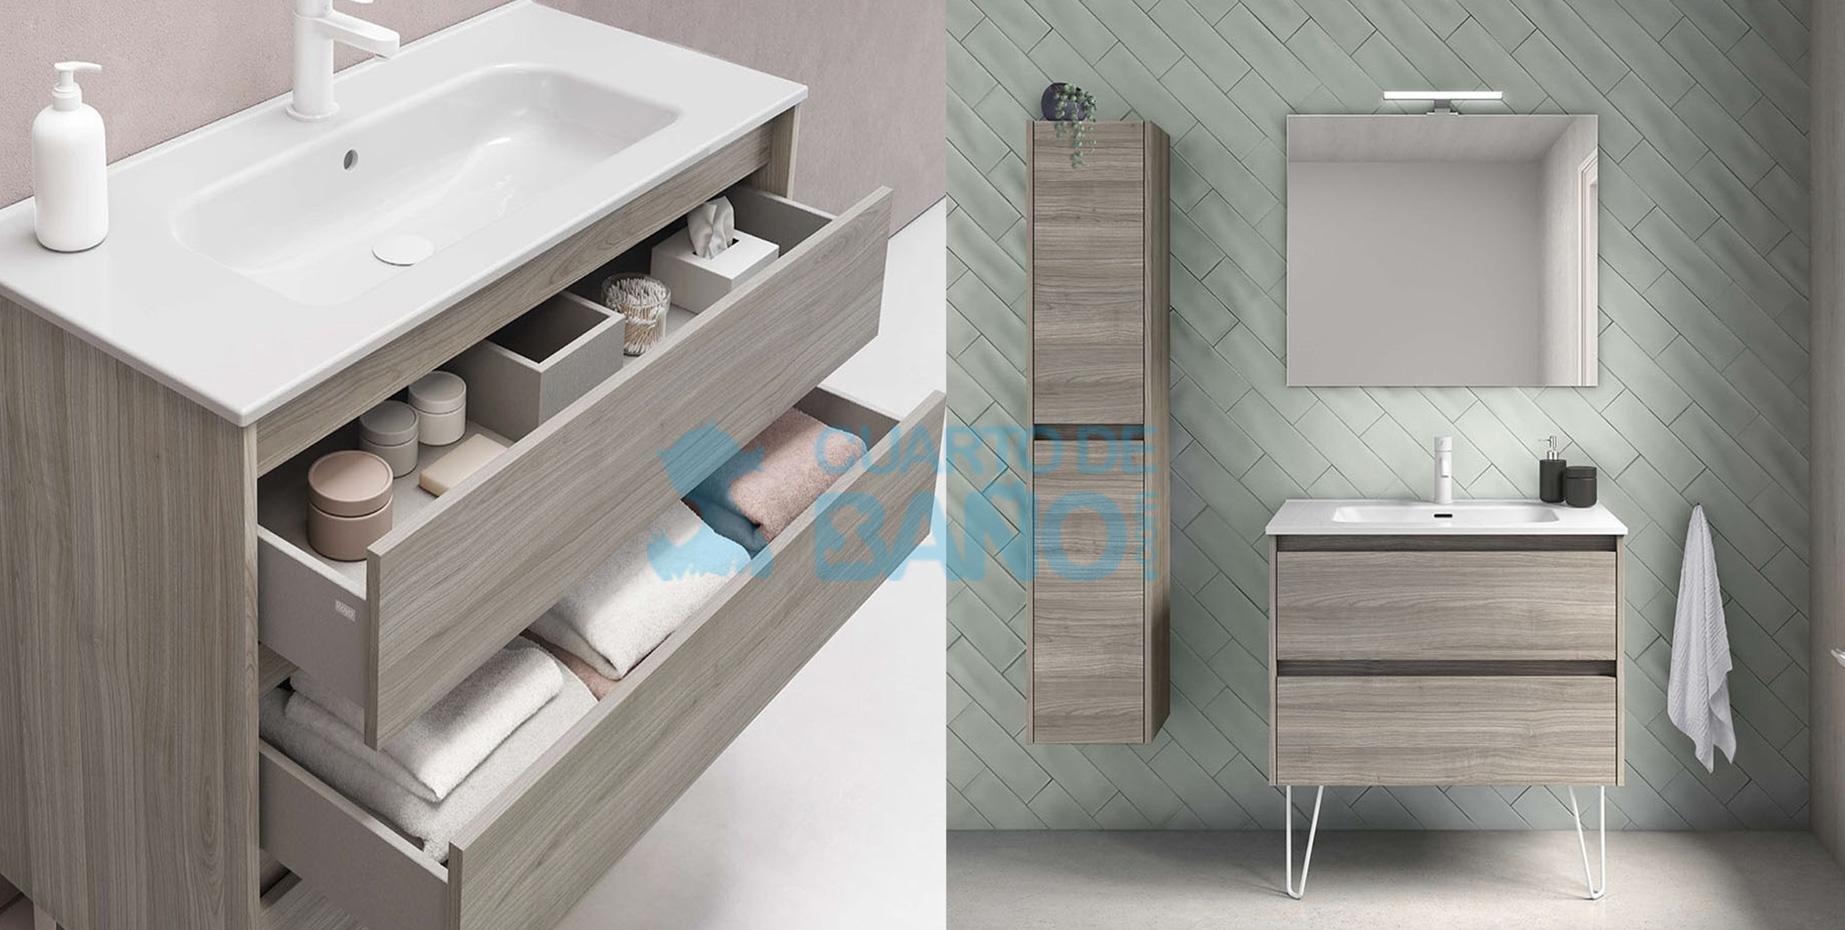 Mueble de baño SANSA de Royo Group